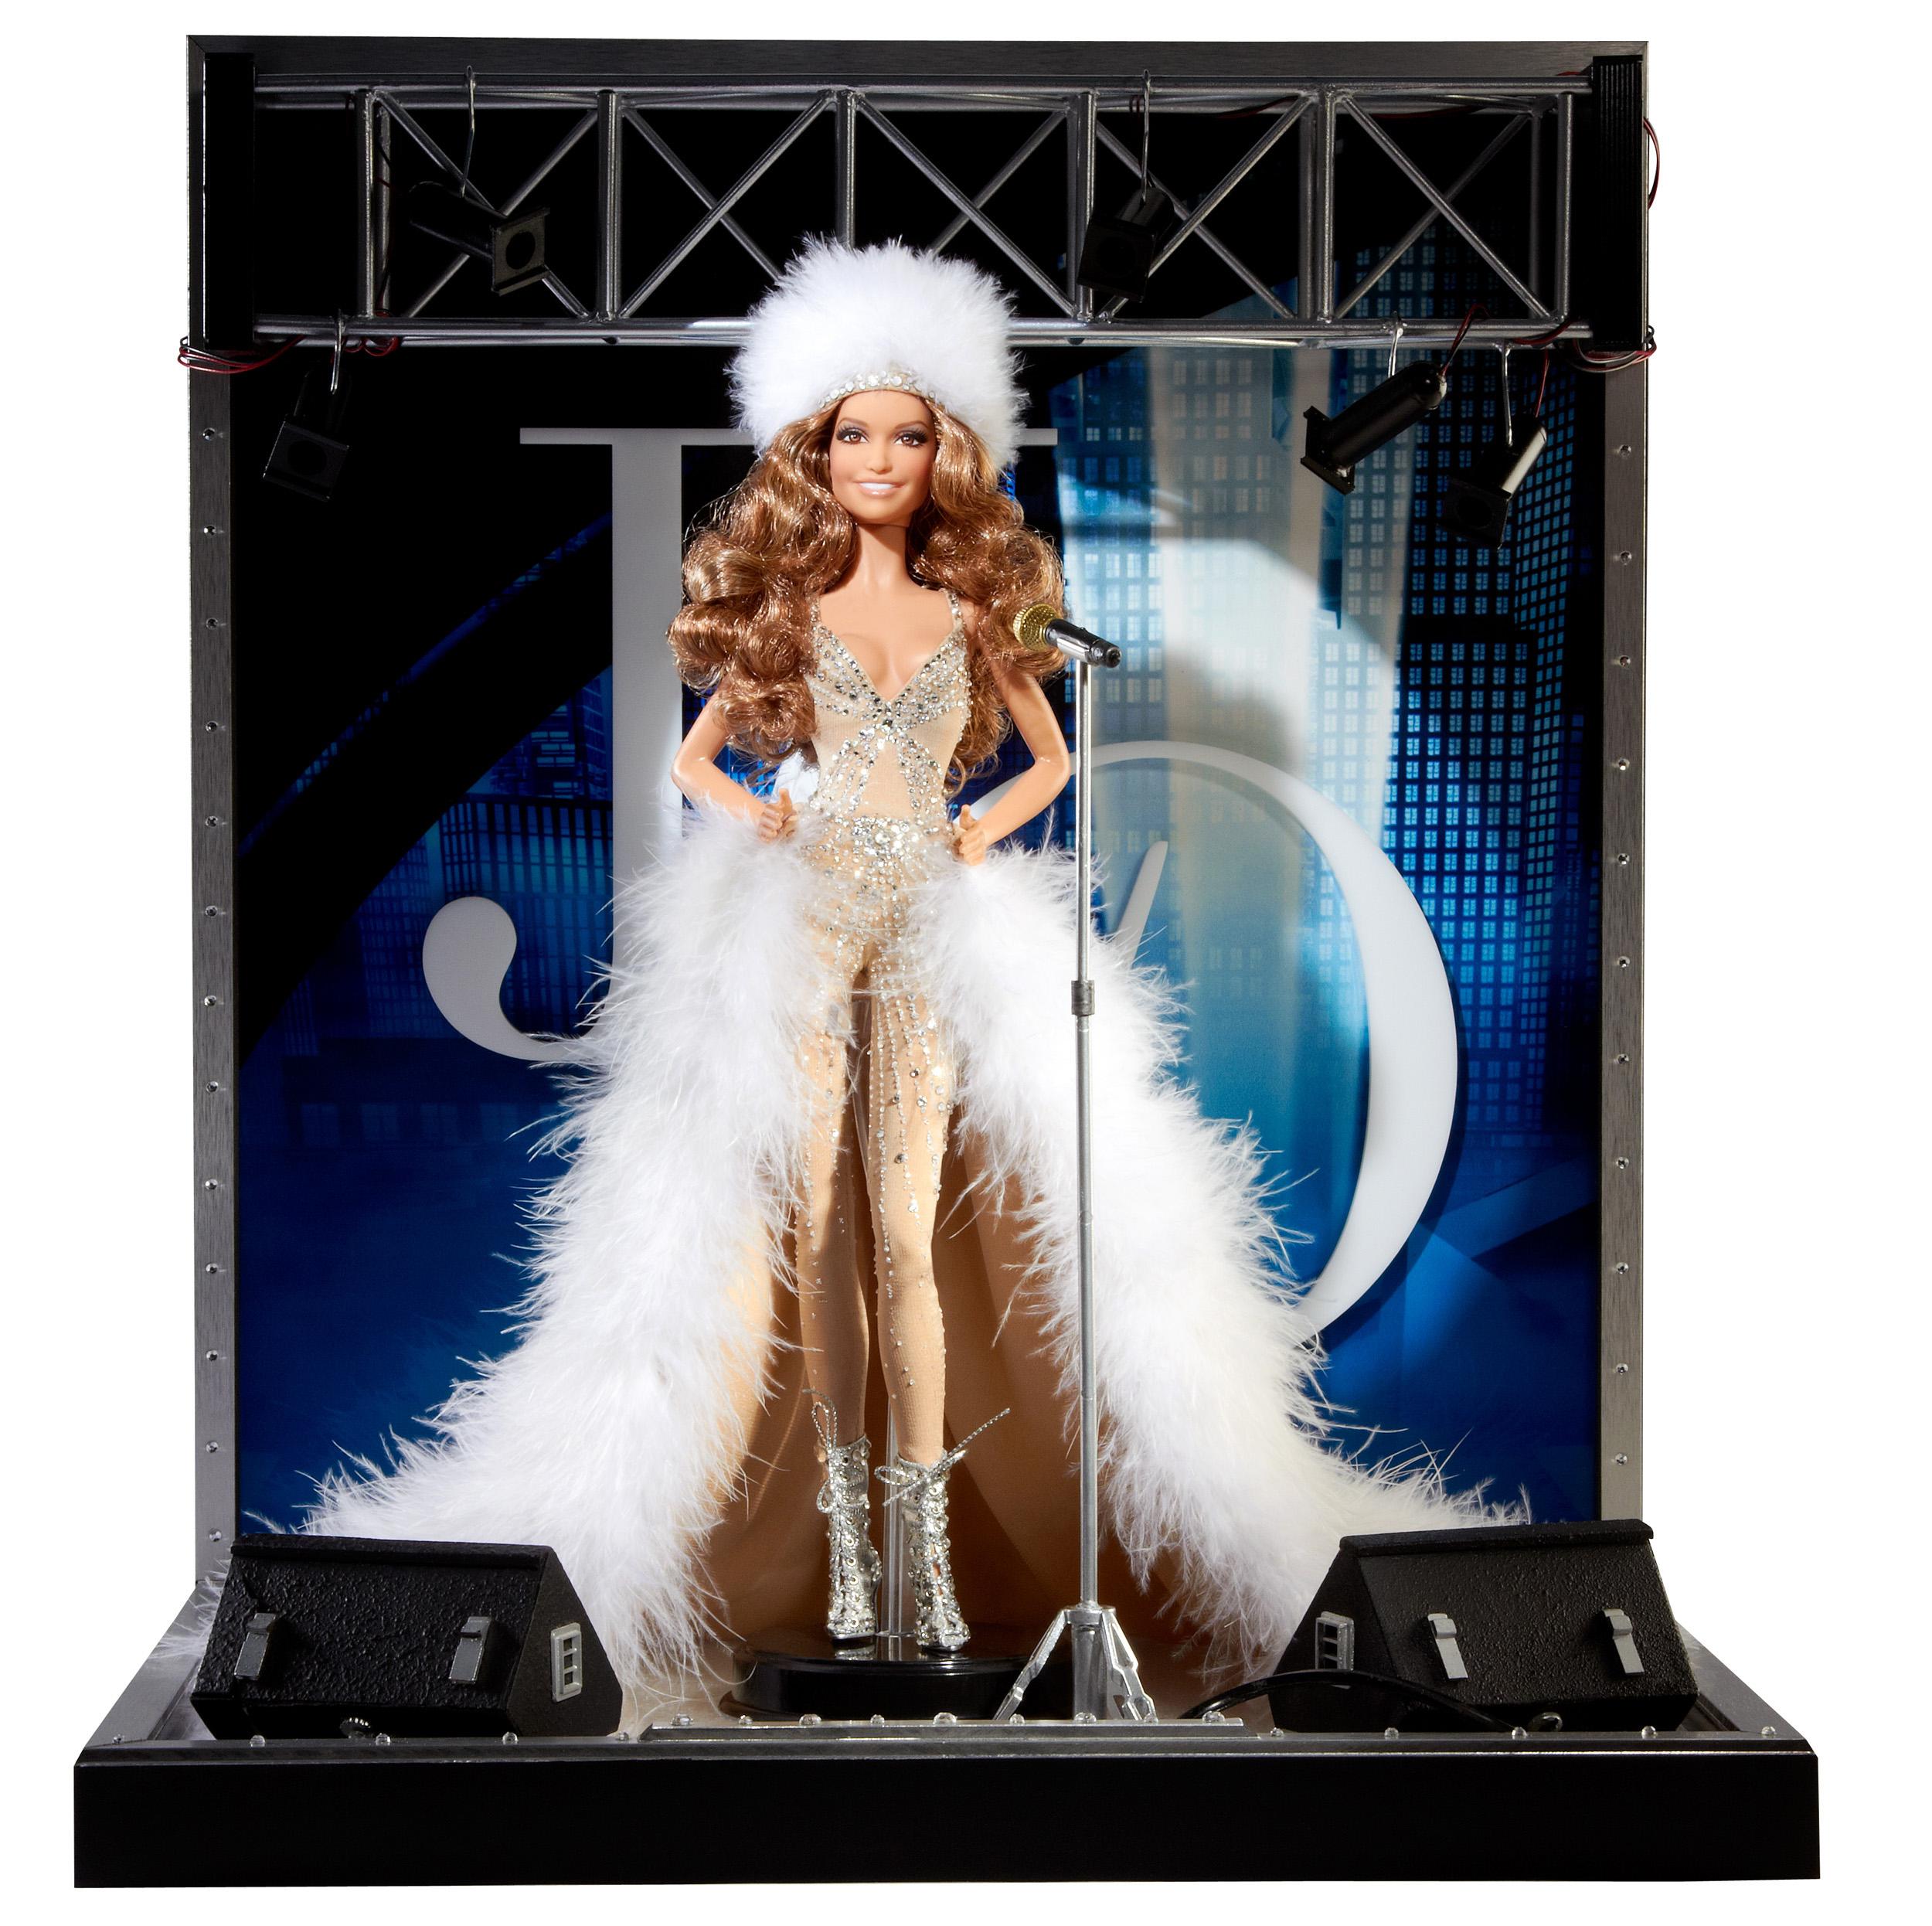 The Jennifer Lopez Barbie, released in 2013.